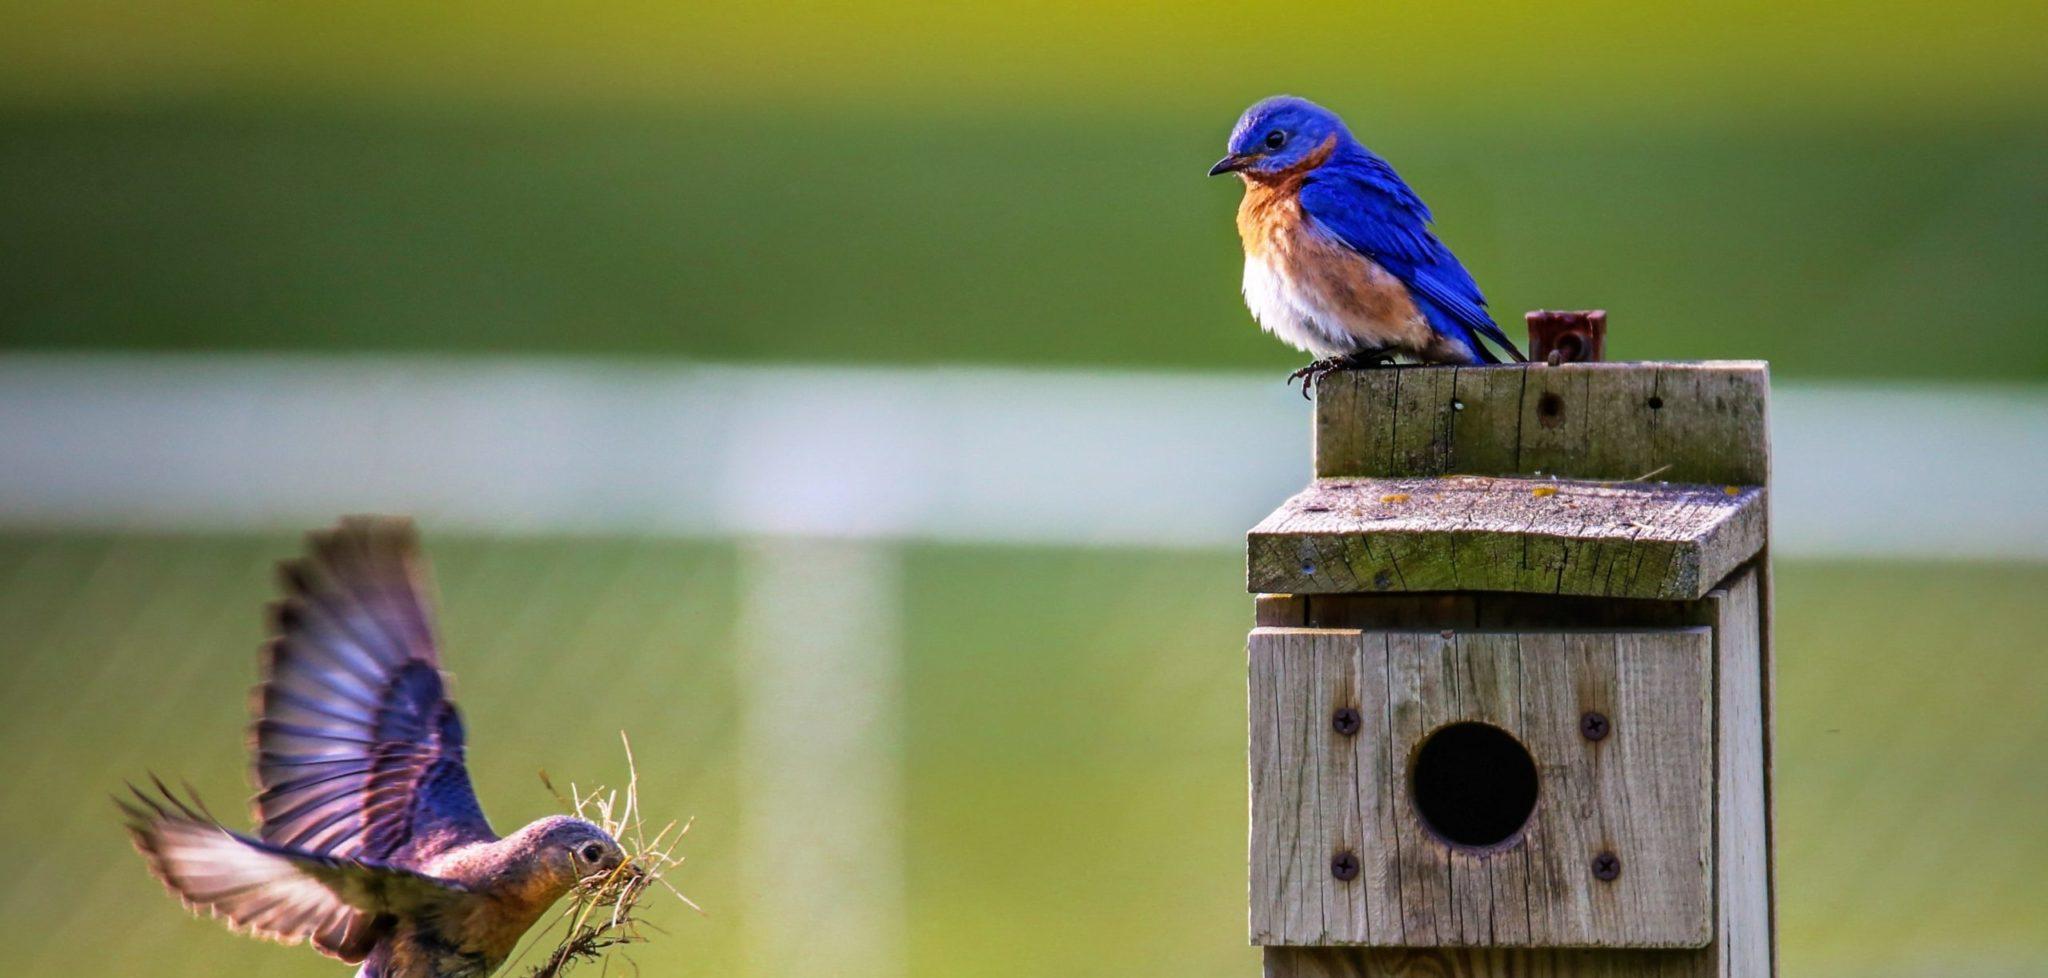 Protéger la planète, aidez les oiseaux